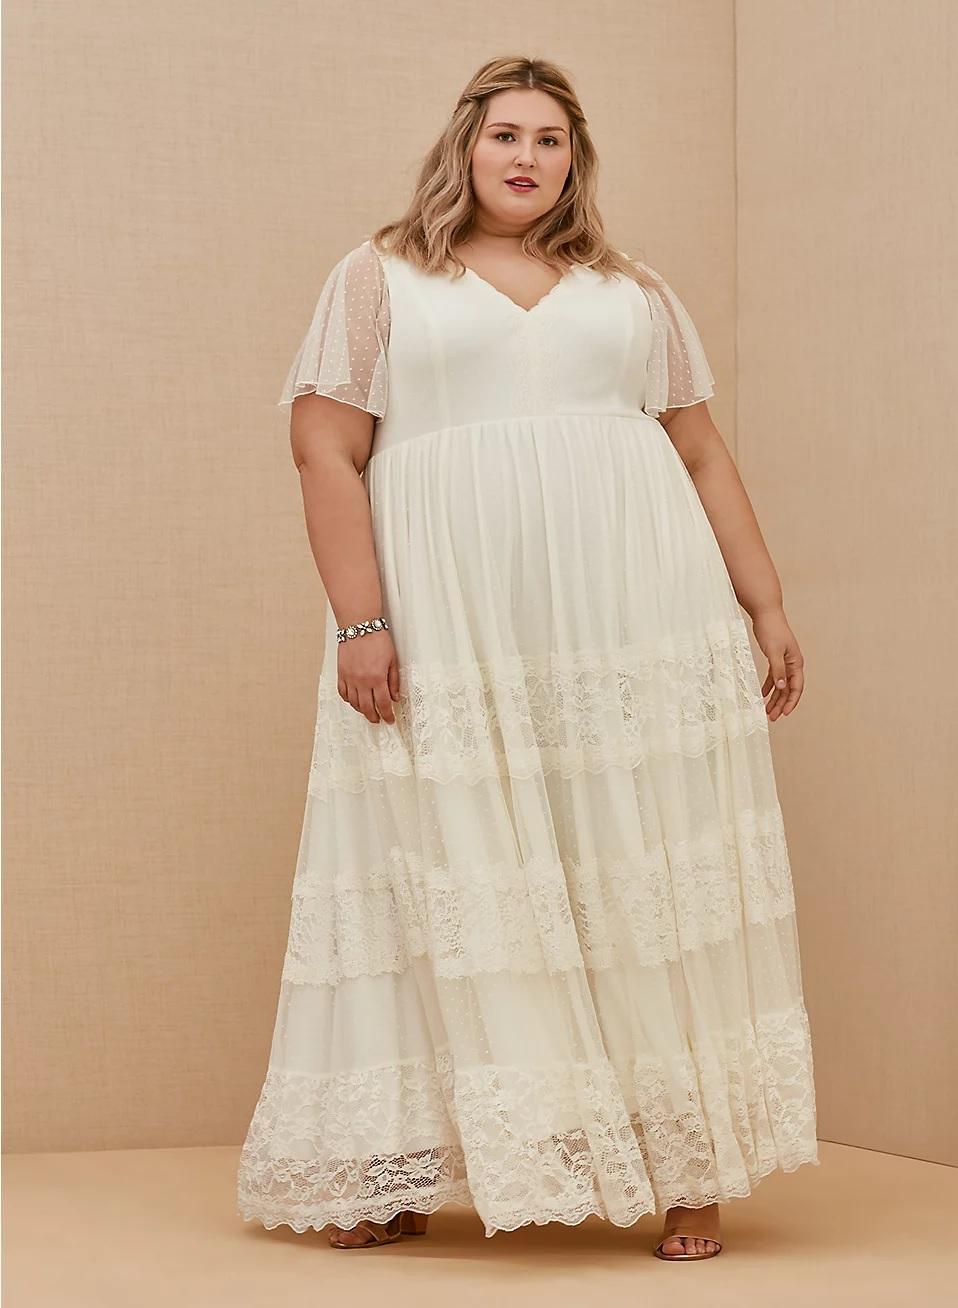 torrid wedding dress, boho style with lace